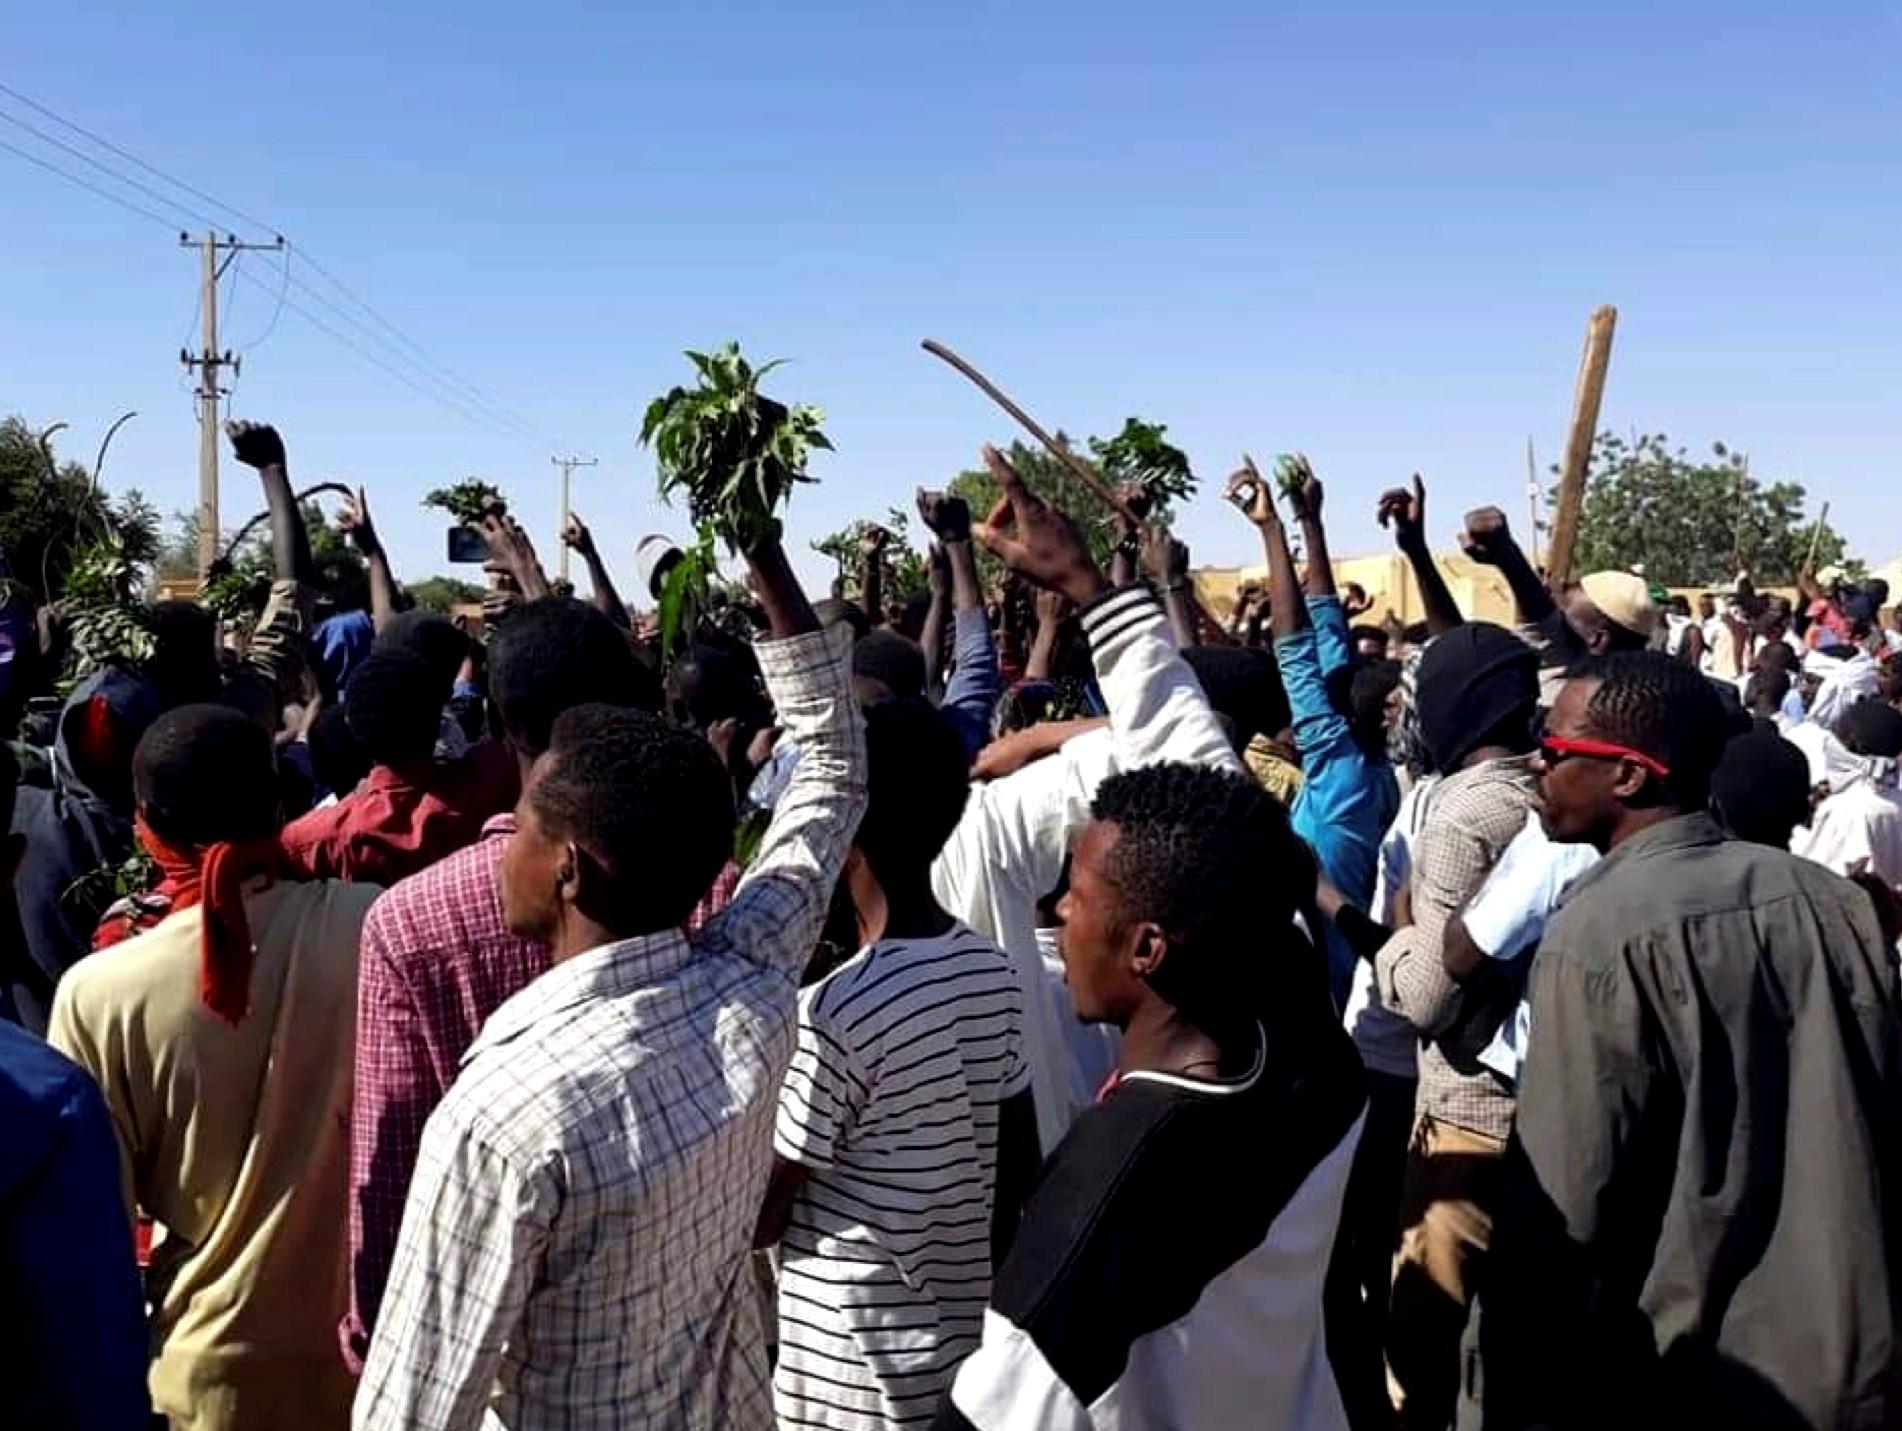 تجمع المهنيين السودانيين يدعو لمؤتمر عاجل للقوى الثورية للتباحث حول إعادة بناء وهيكلة الحرية والتغيير